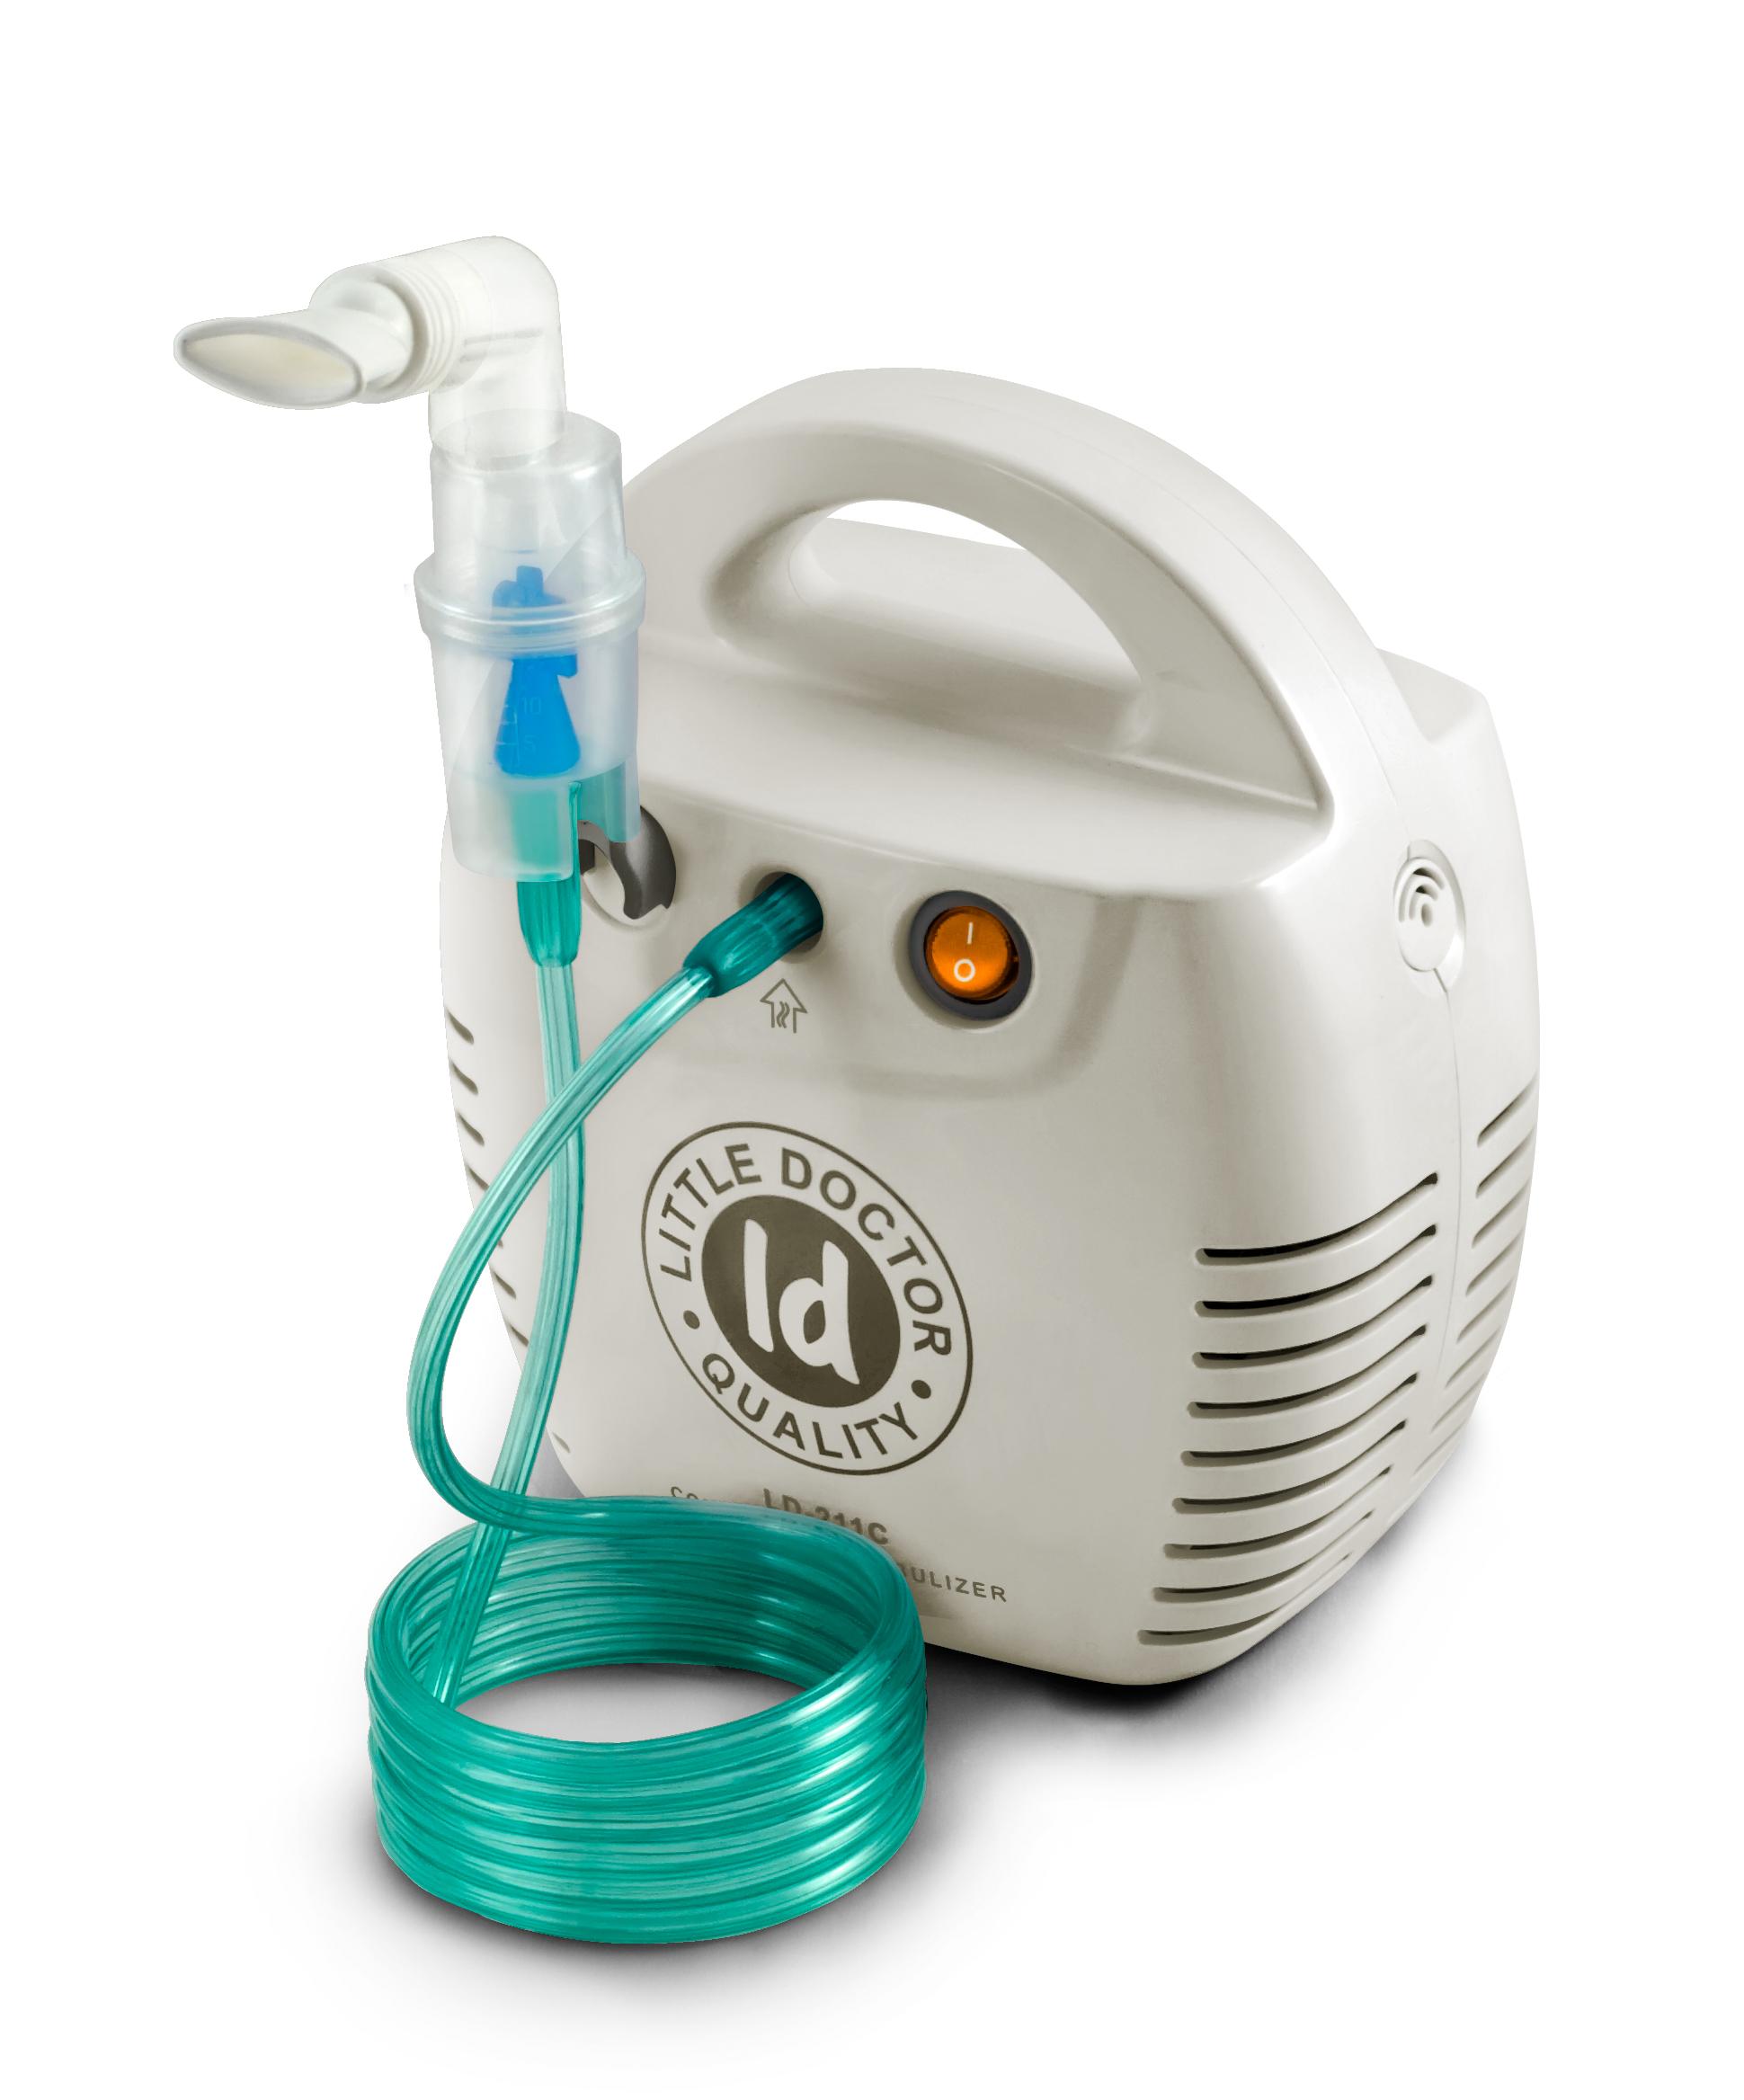 Little Doctor Ингалятор компрессорный LD-211 белый увлажнители и очистители воздуха air doctor блокатор вирусов портативный